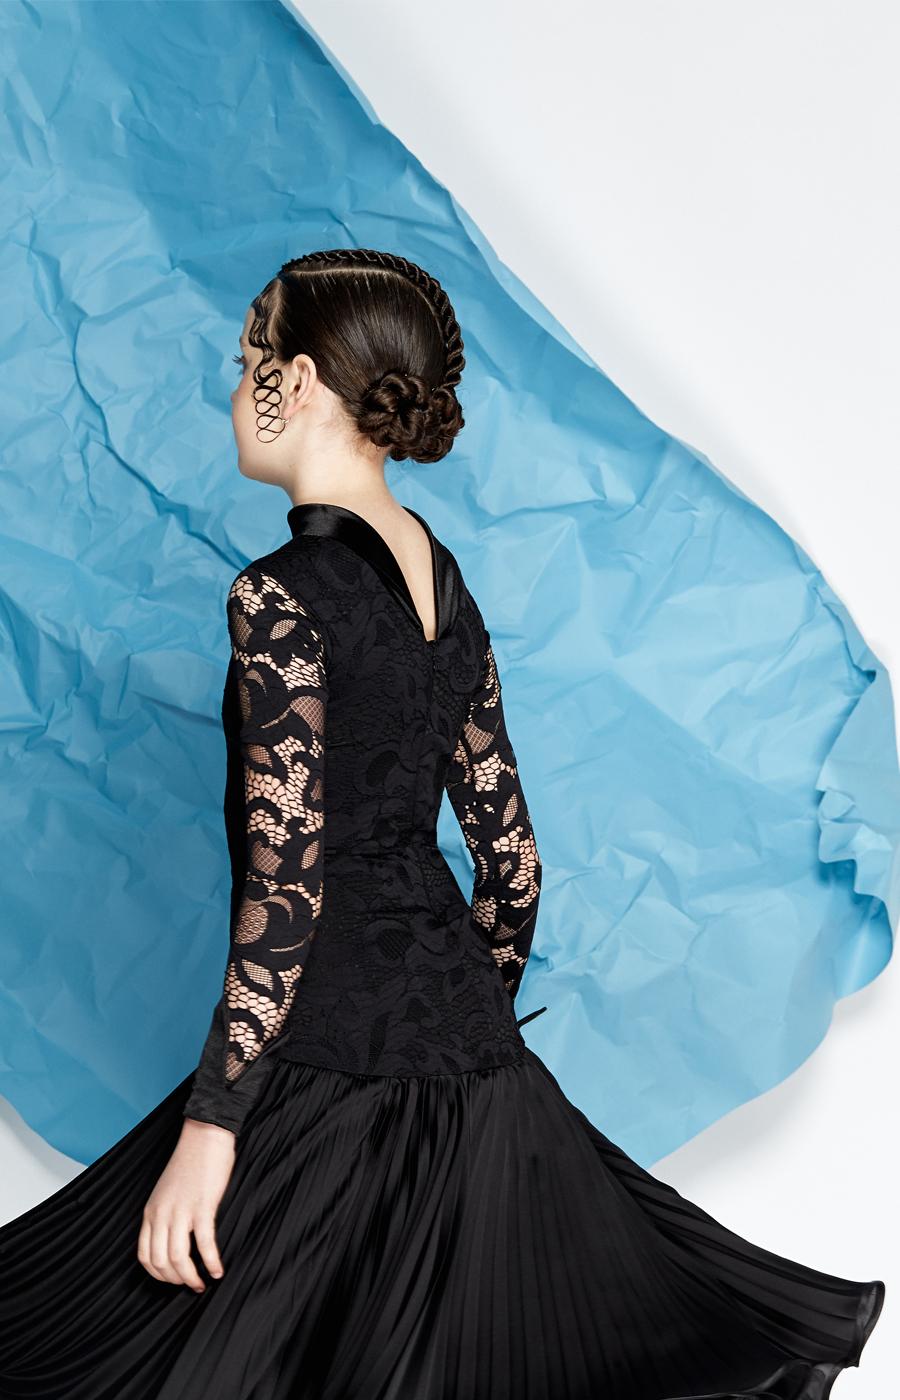 Samantha juvenile dress